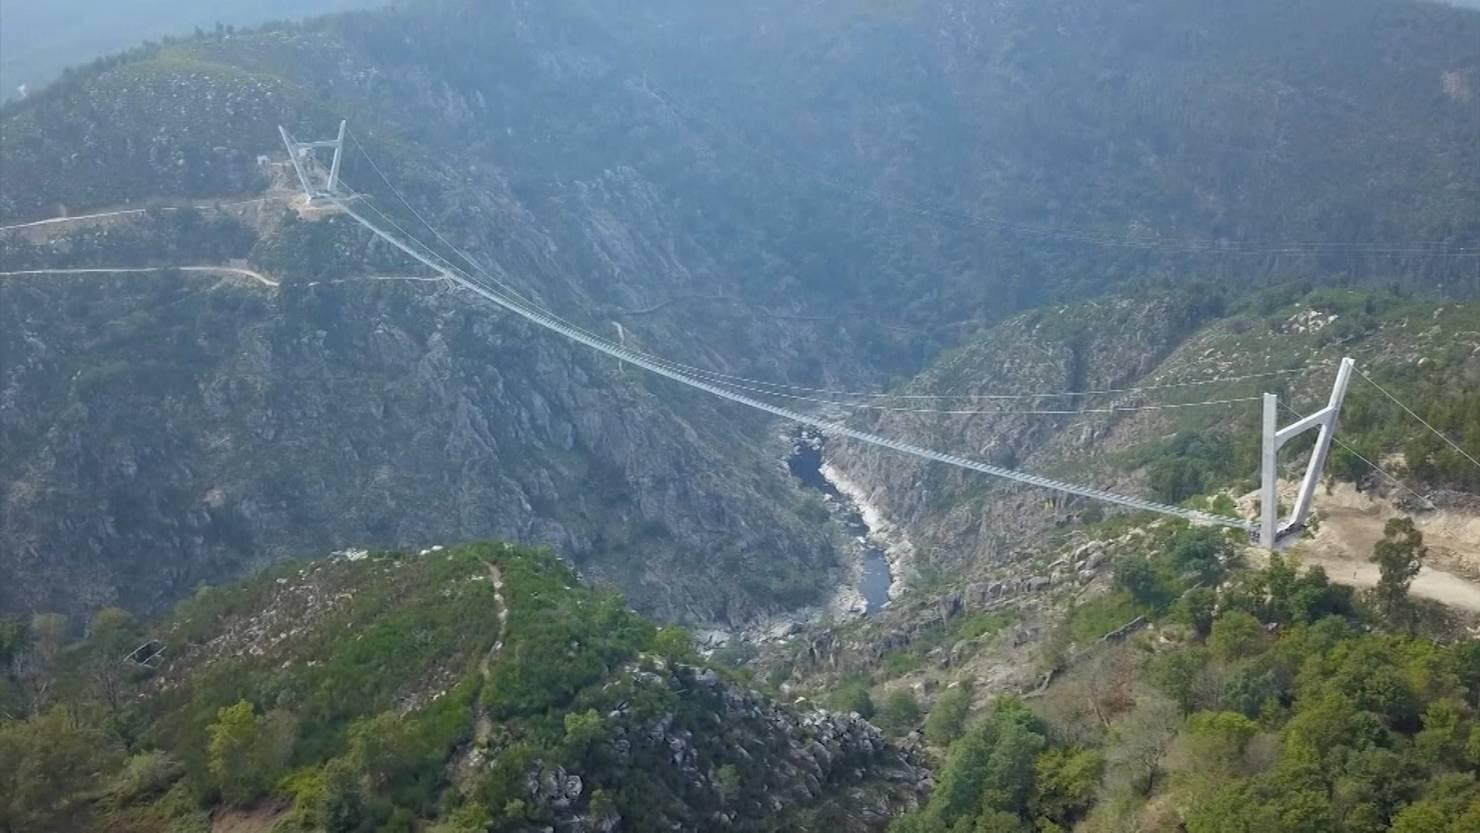 Längste Fussgänger-Hängebrücke der Welt in Portugal